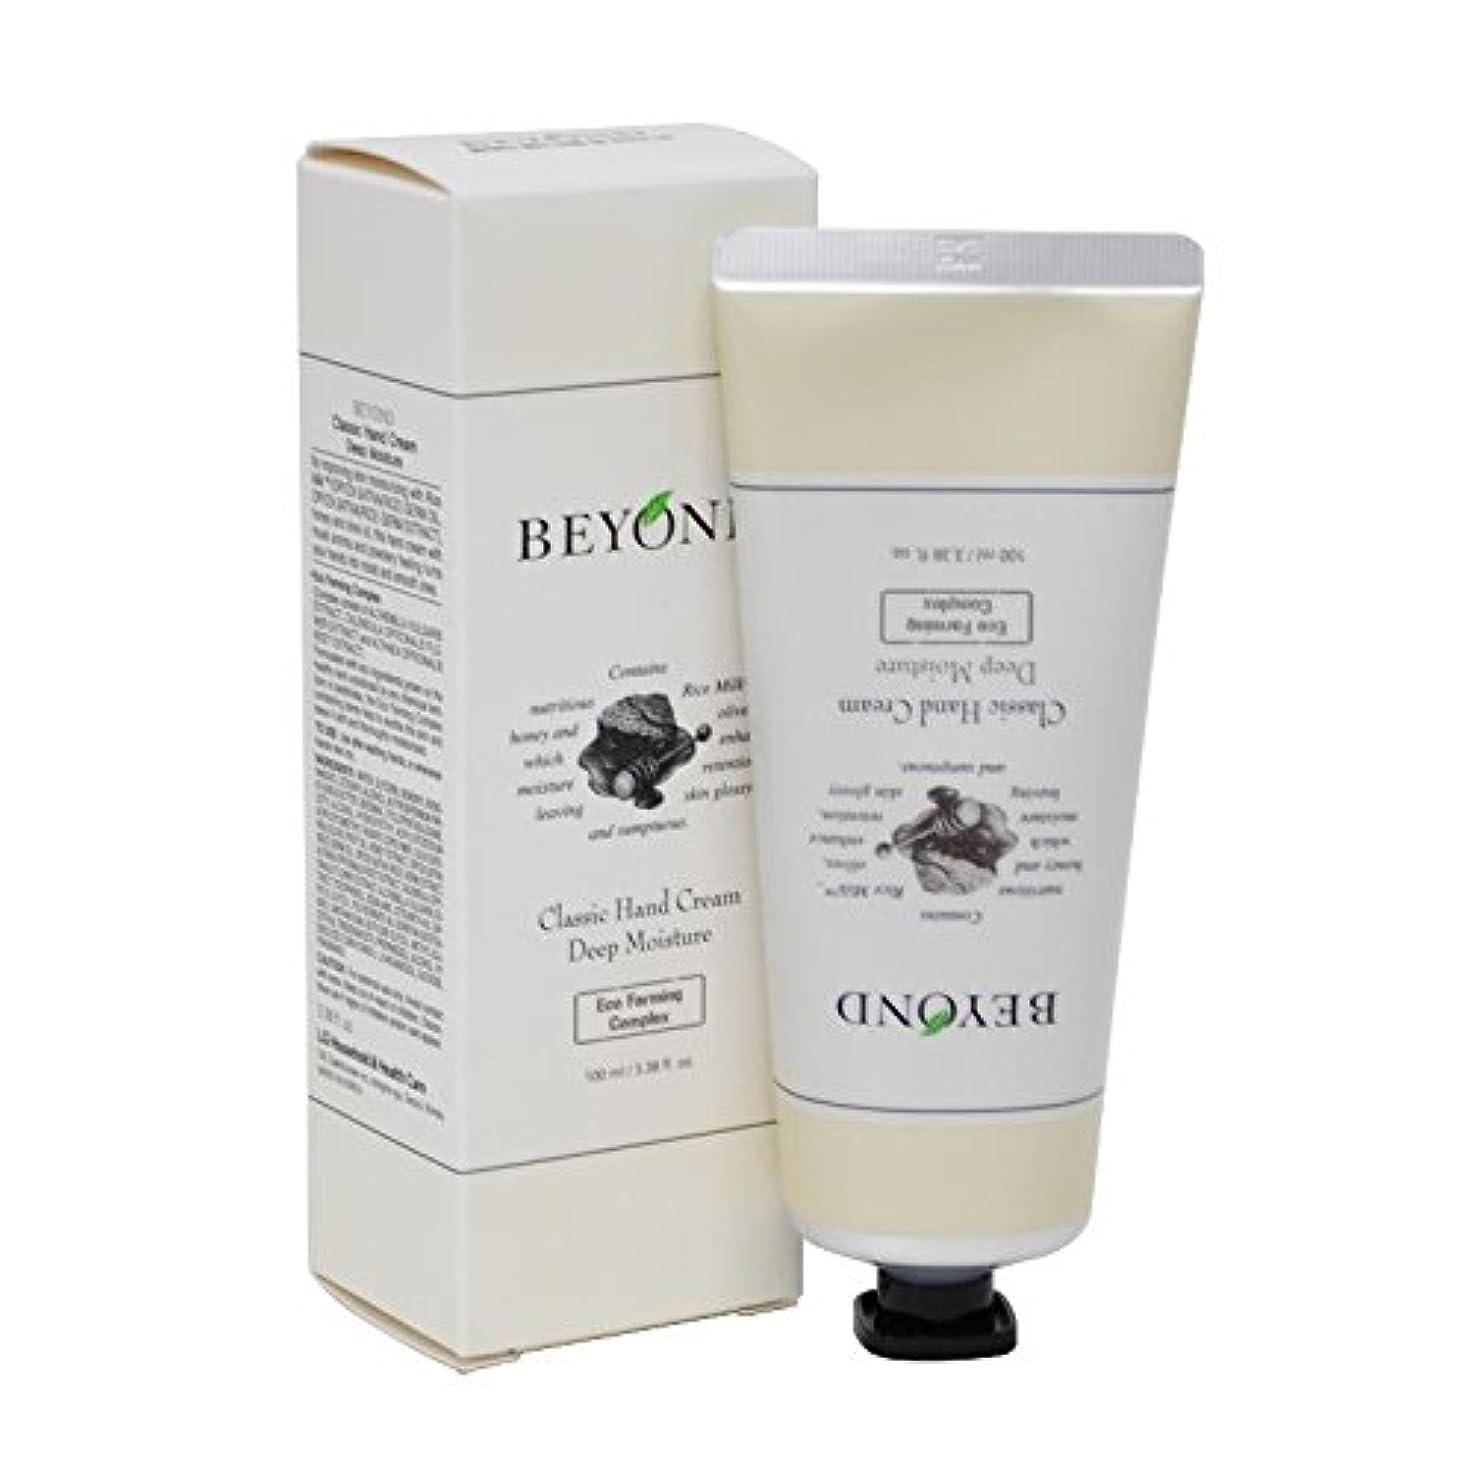 企業平均サスペンション[ビヨンド] BEYOND [クラシック ハンドクリーム 100ml] Classic Hand Cream 100ml [海外直送品] (01. ディープ モイスチャー (Deep Moisture))